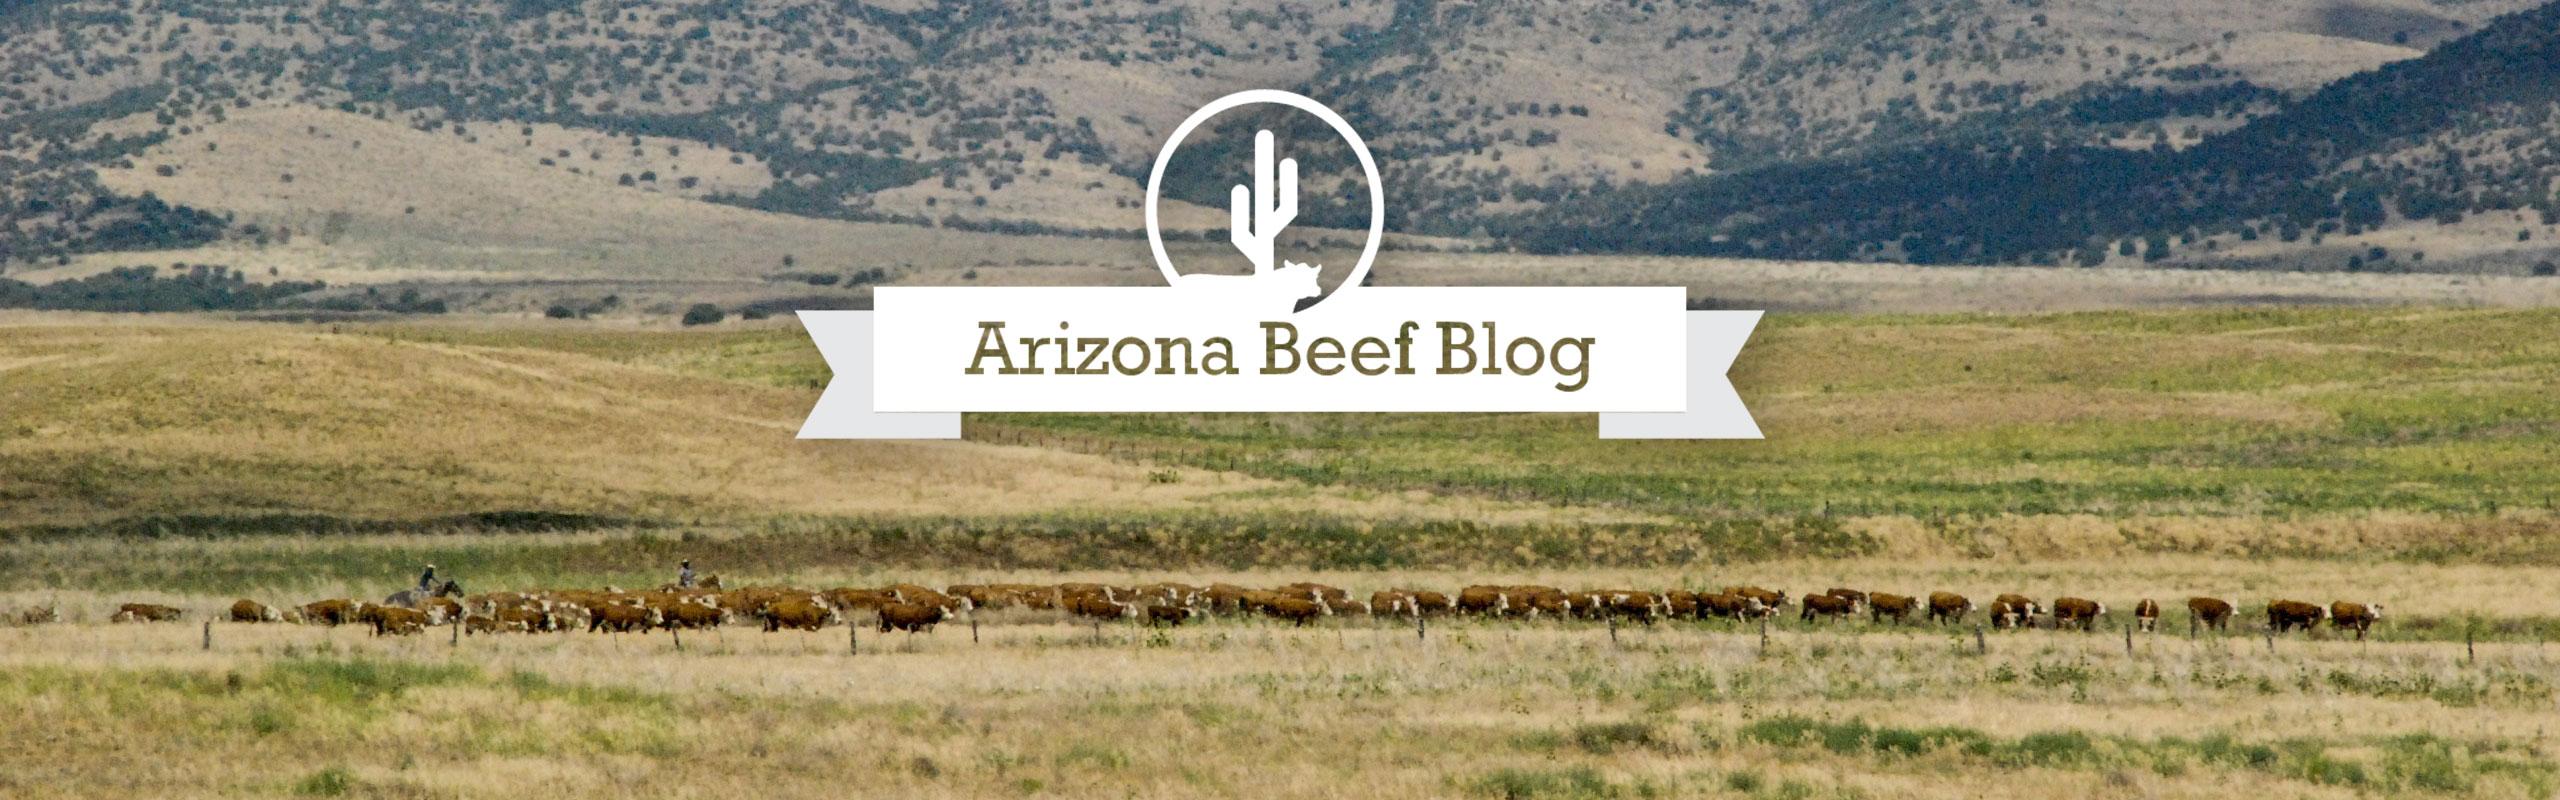 Arizona Beef Blog